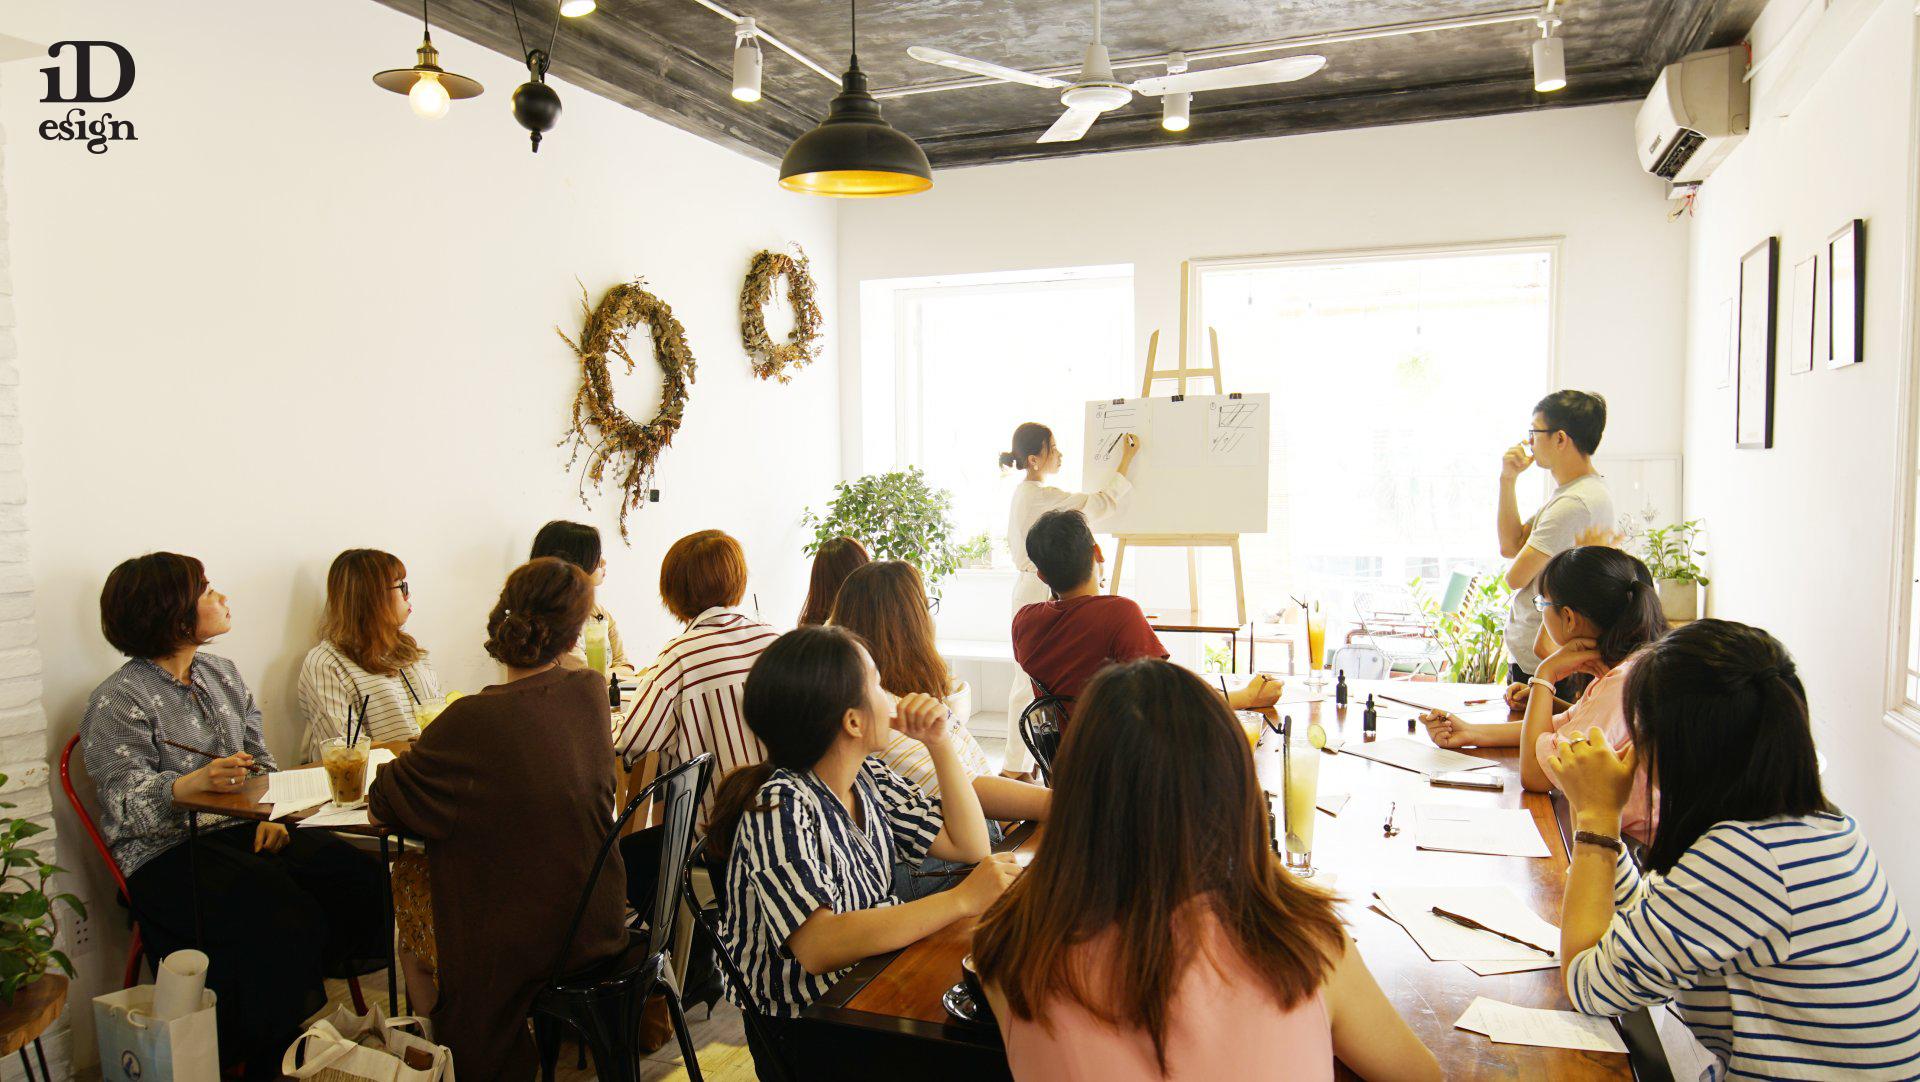 Duka Workshops: Tìm về sự bình yên qua nghệ thuật Calligraphy